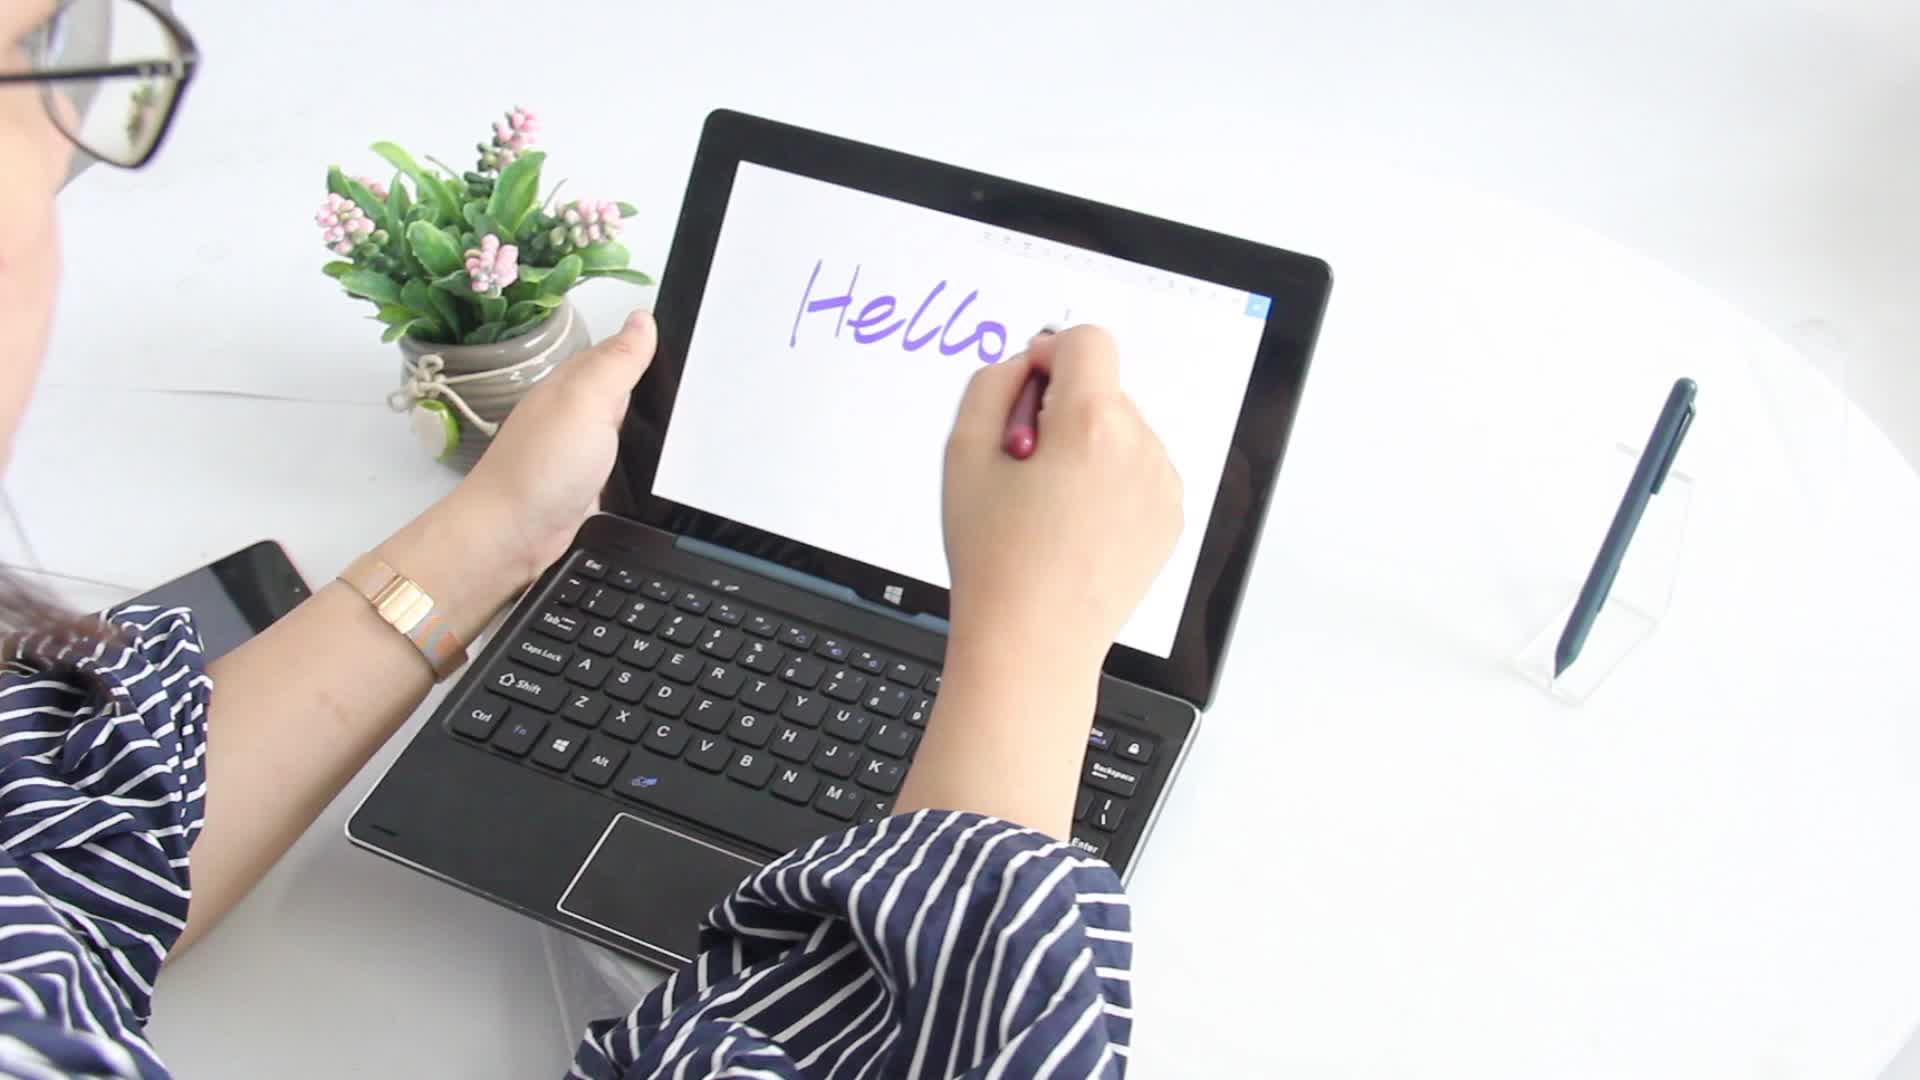 10.1 นิ้ว 2 in 1 keyboard เน็ตบุ๊กคอมพิวเตอร์ z8350 IPS แล็ปท็อป Win 10 mini Tablet PC